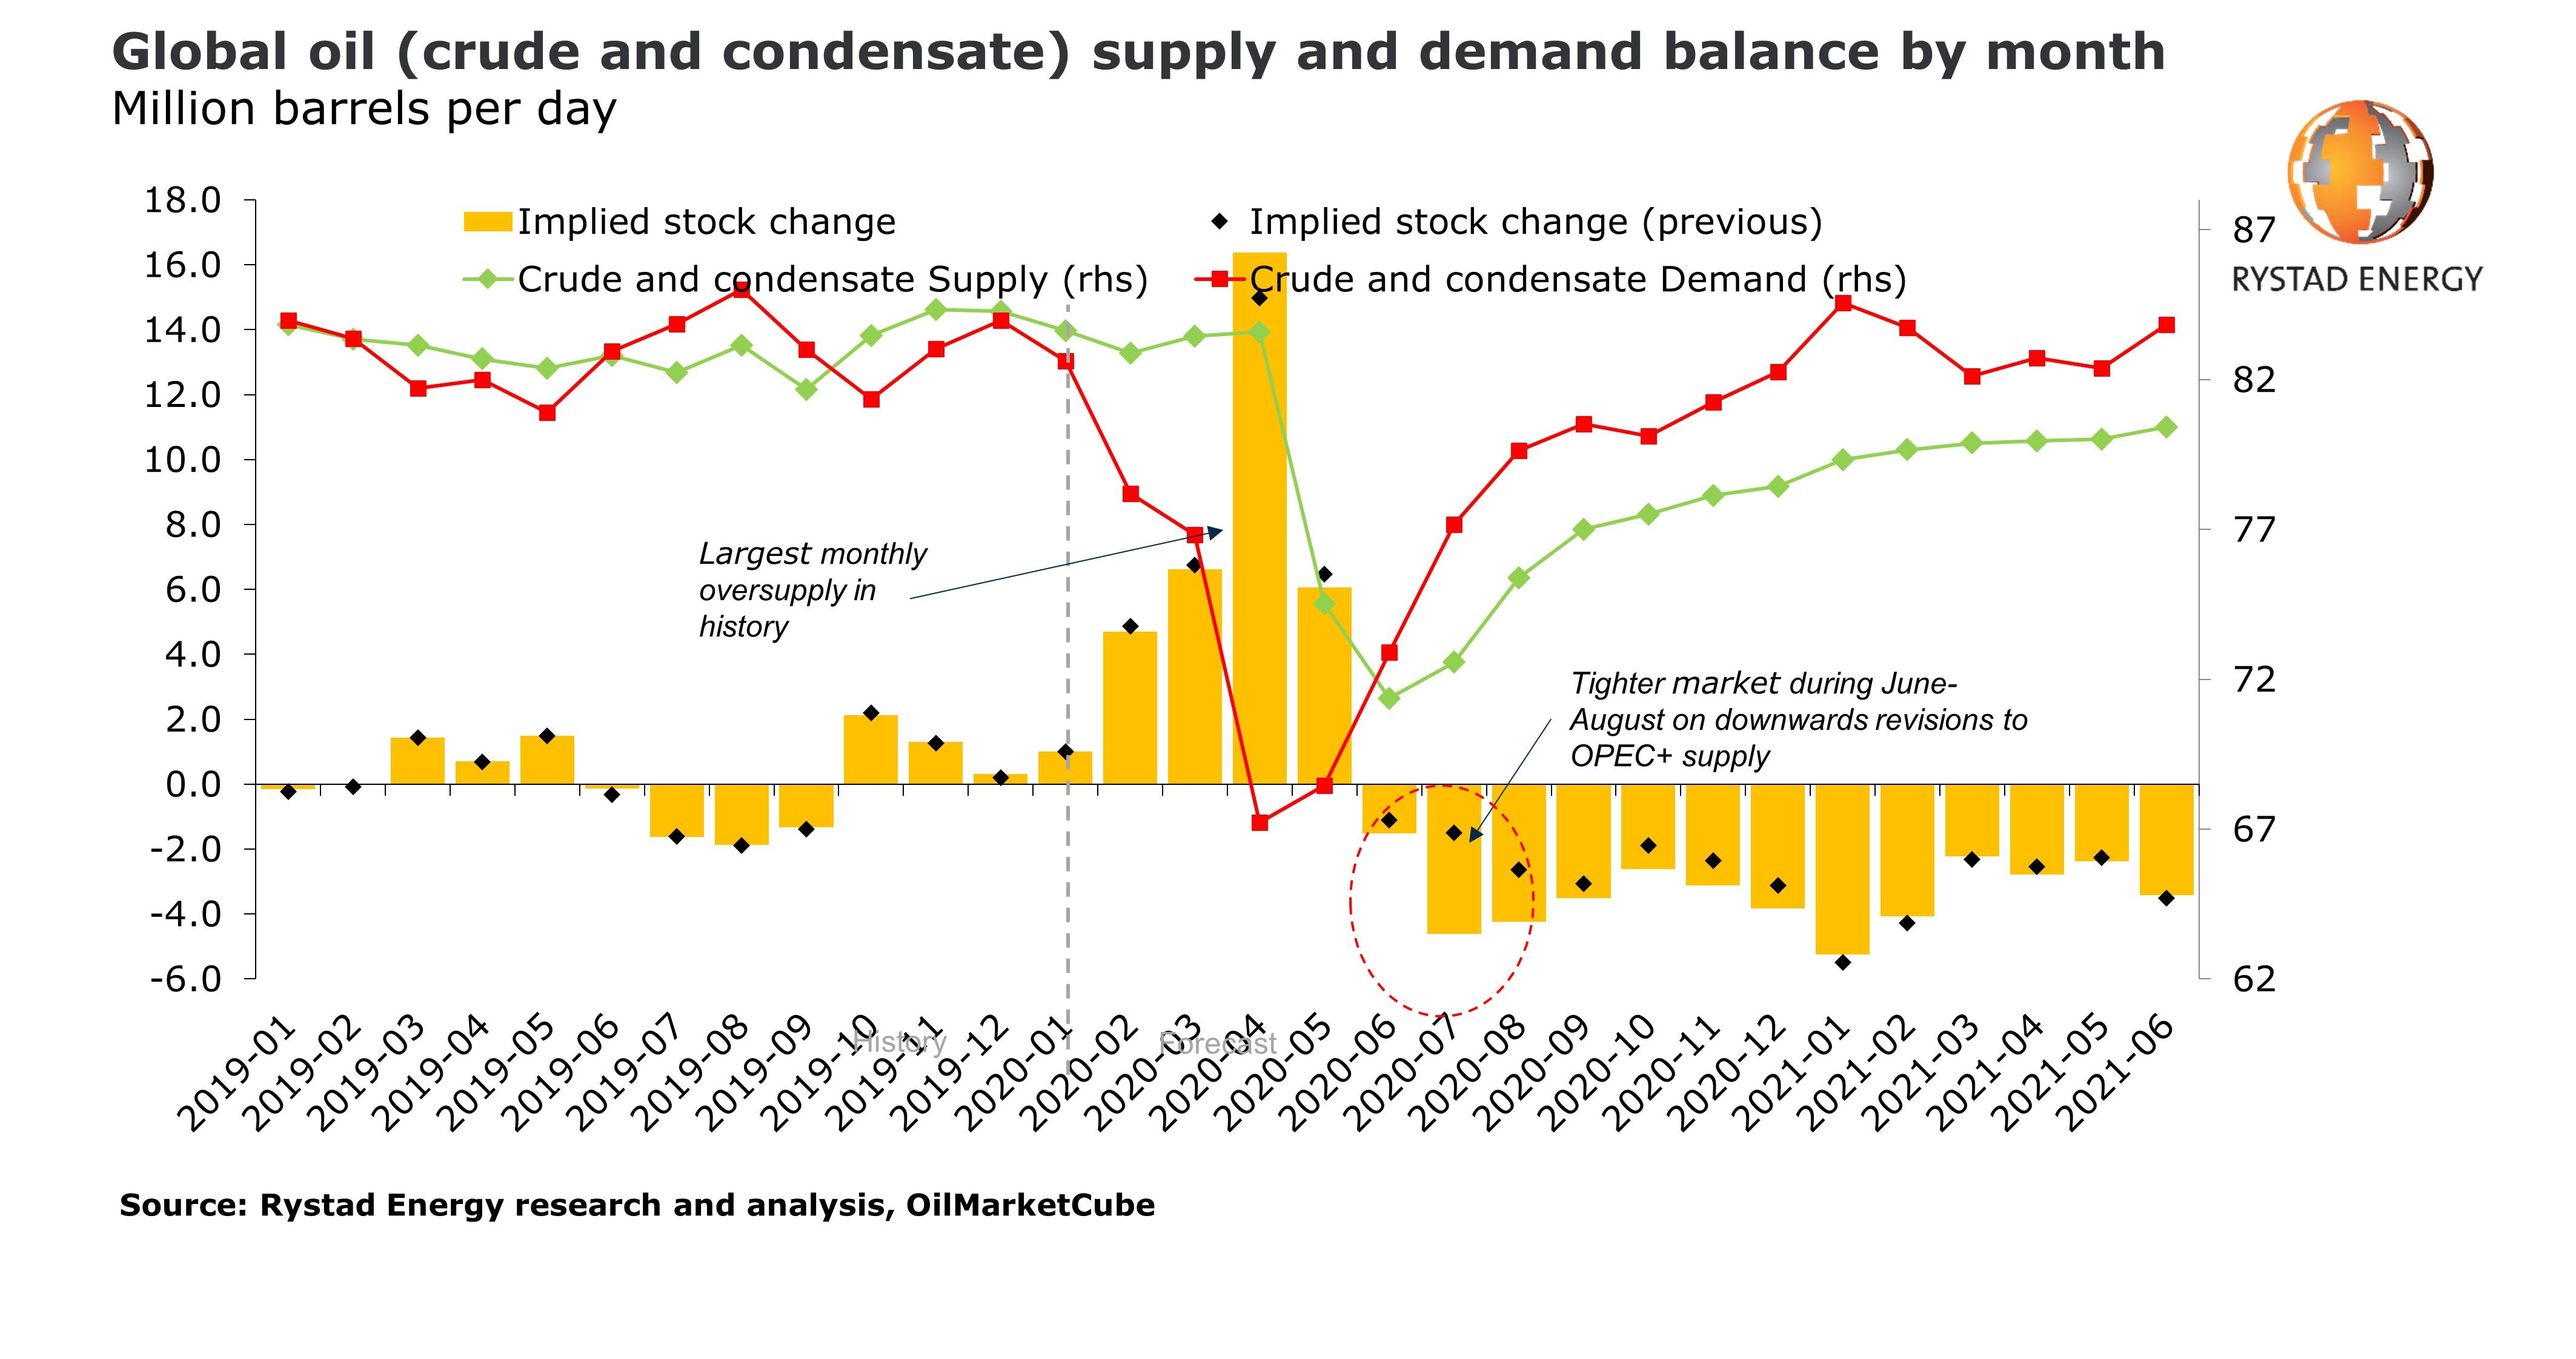 Prognoza popytu i podaży na ropę 2019-2021. Grafika: Rystad Energy